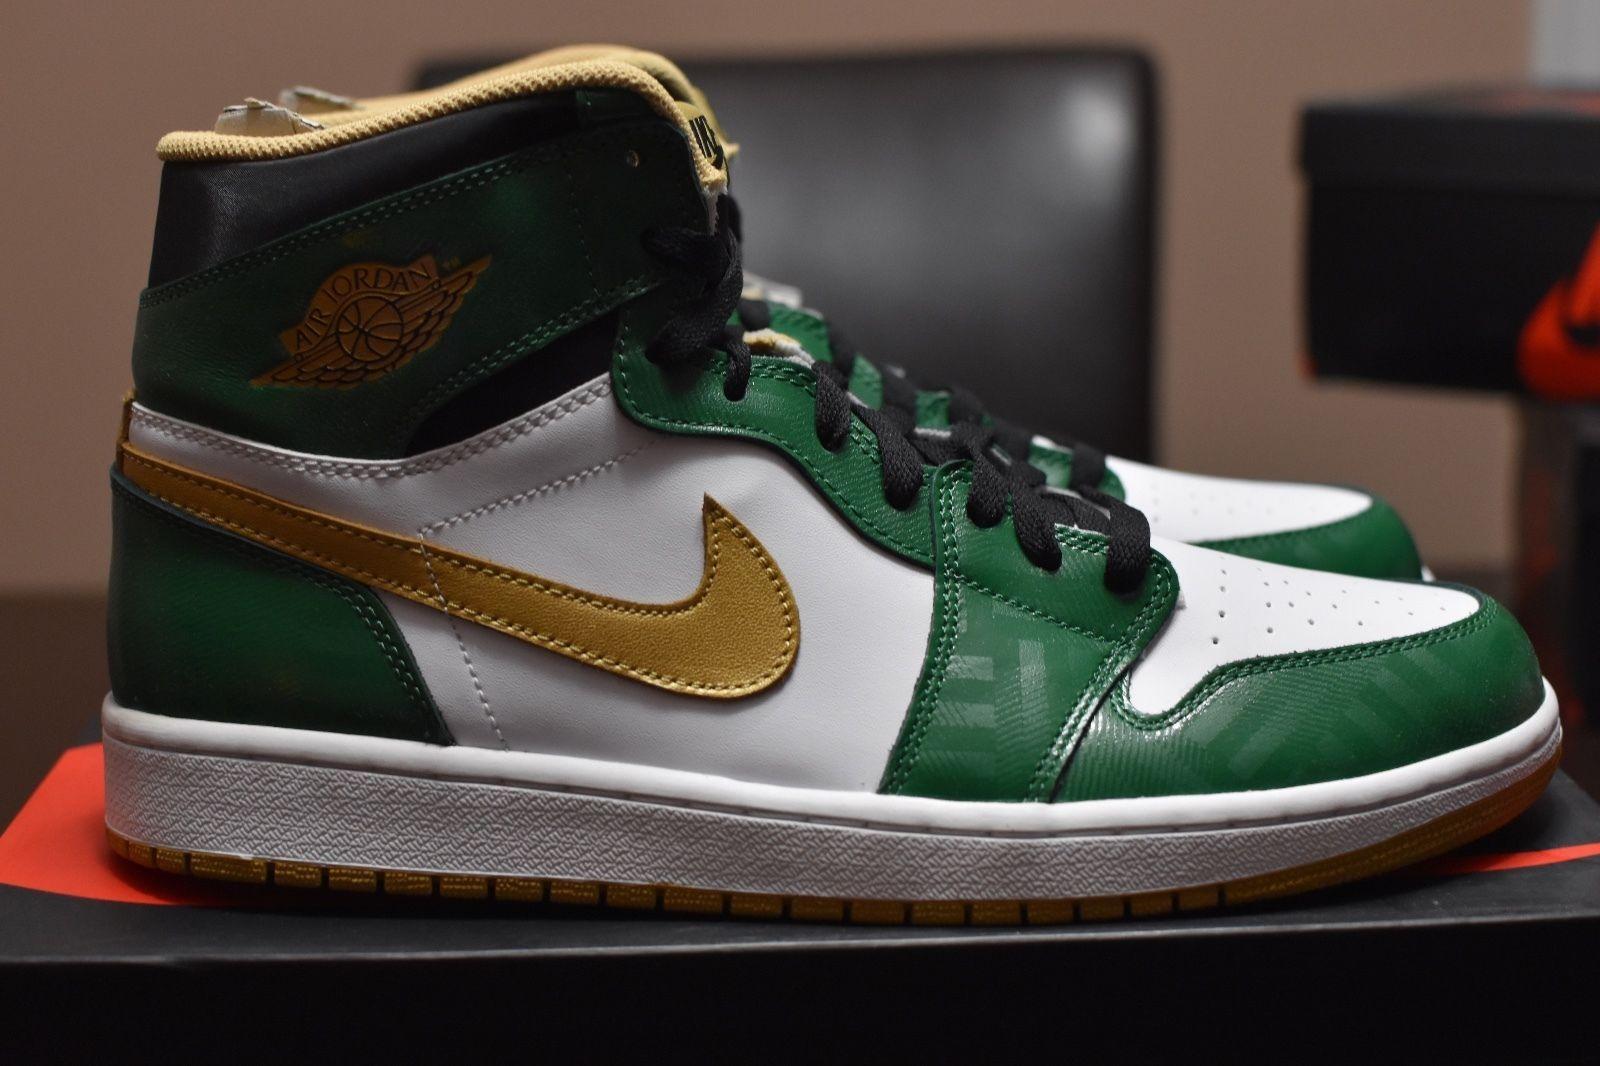 Nice Looking Nike Air Jordan I 1 Retro Herren Schuhe High Weiß Grün Gold MhzCbRYJ